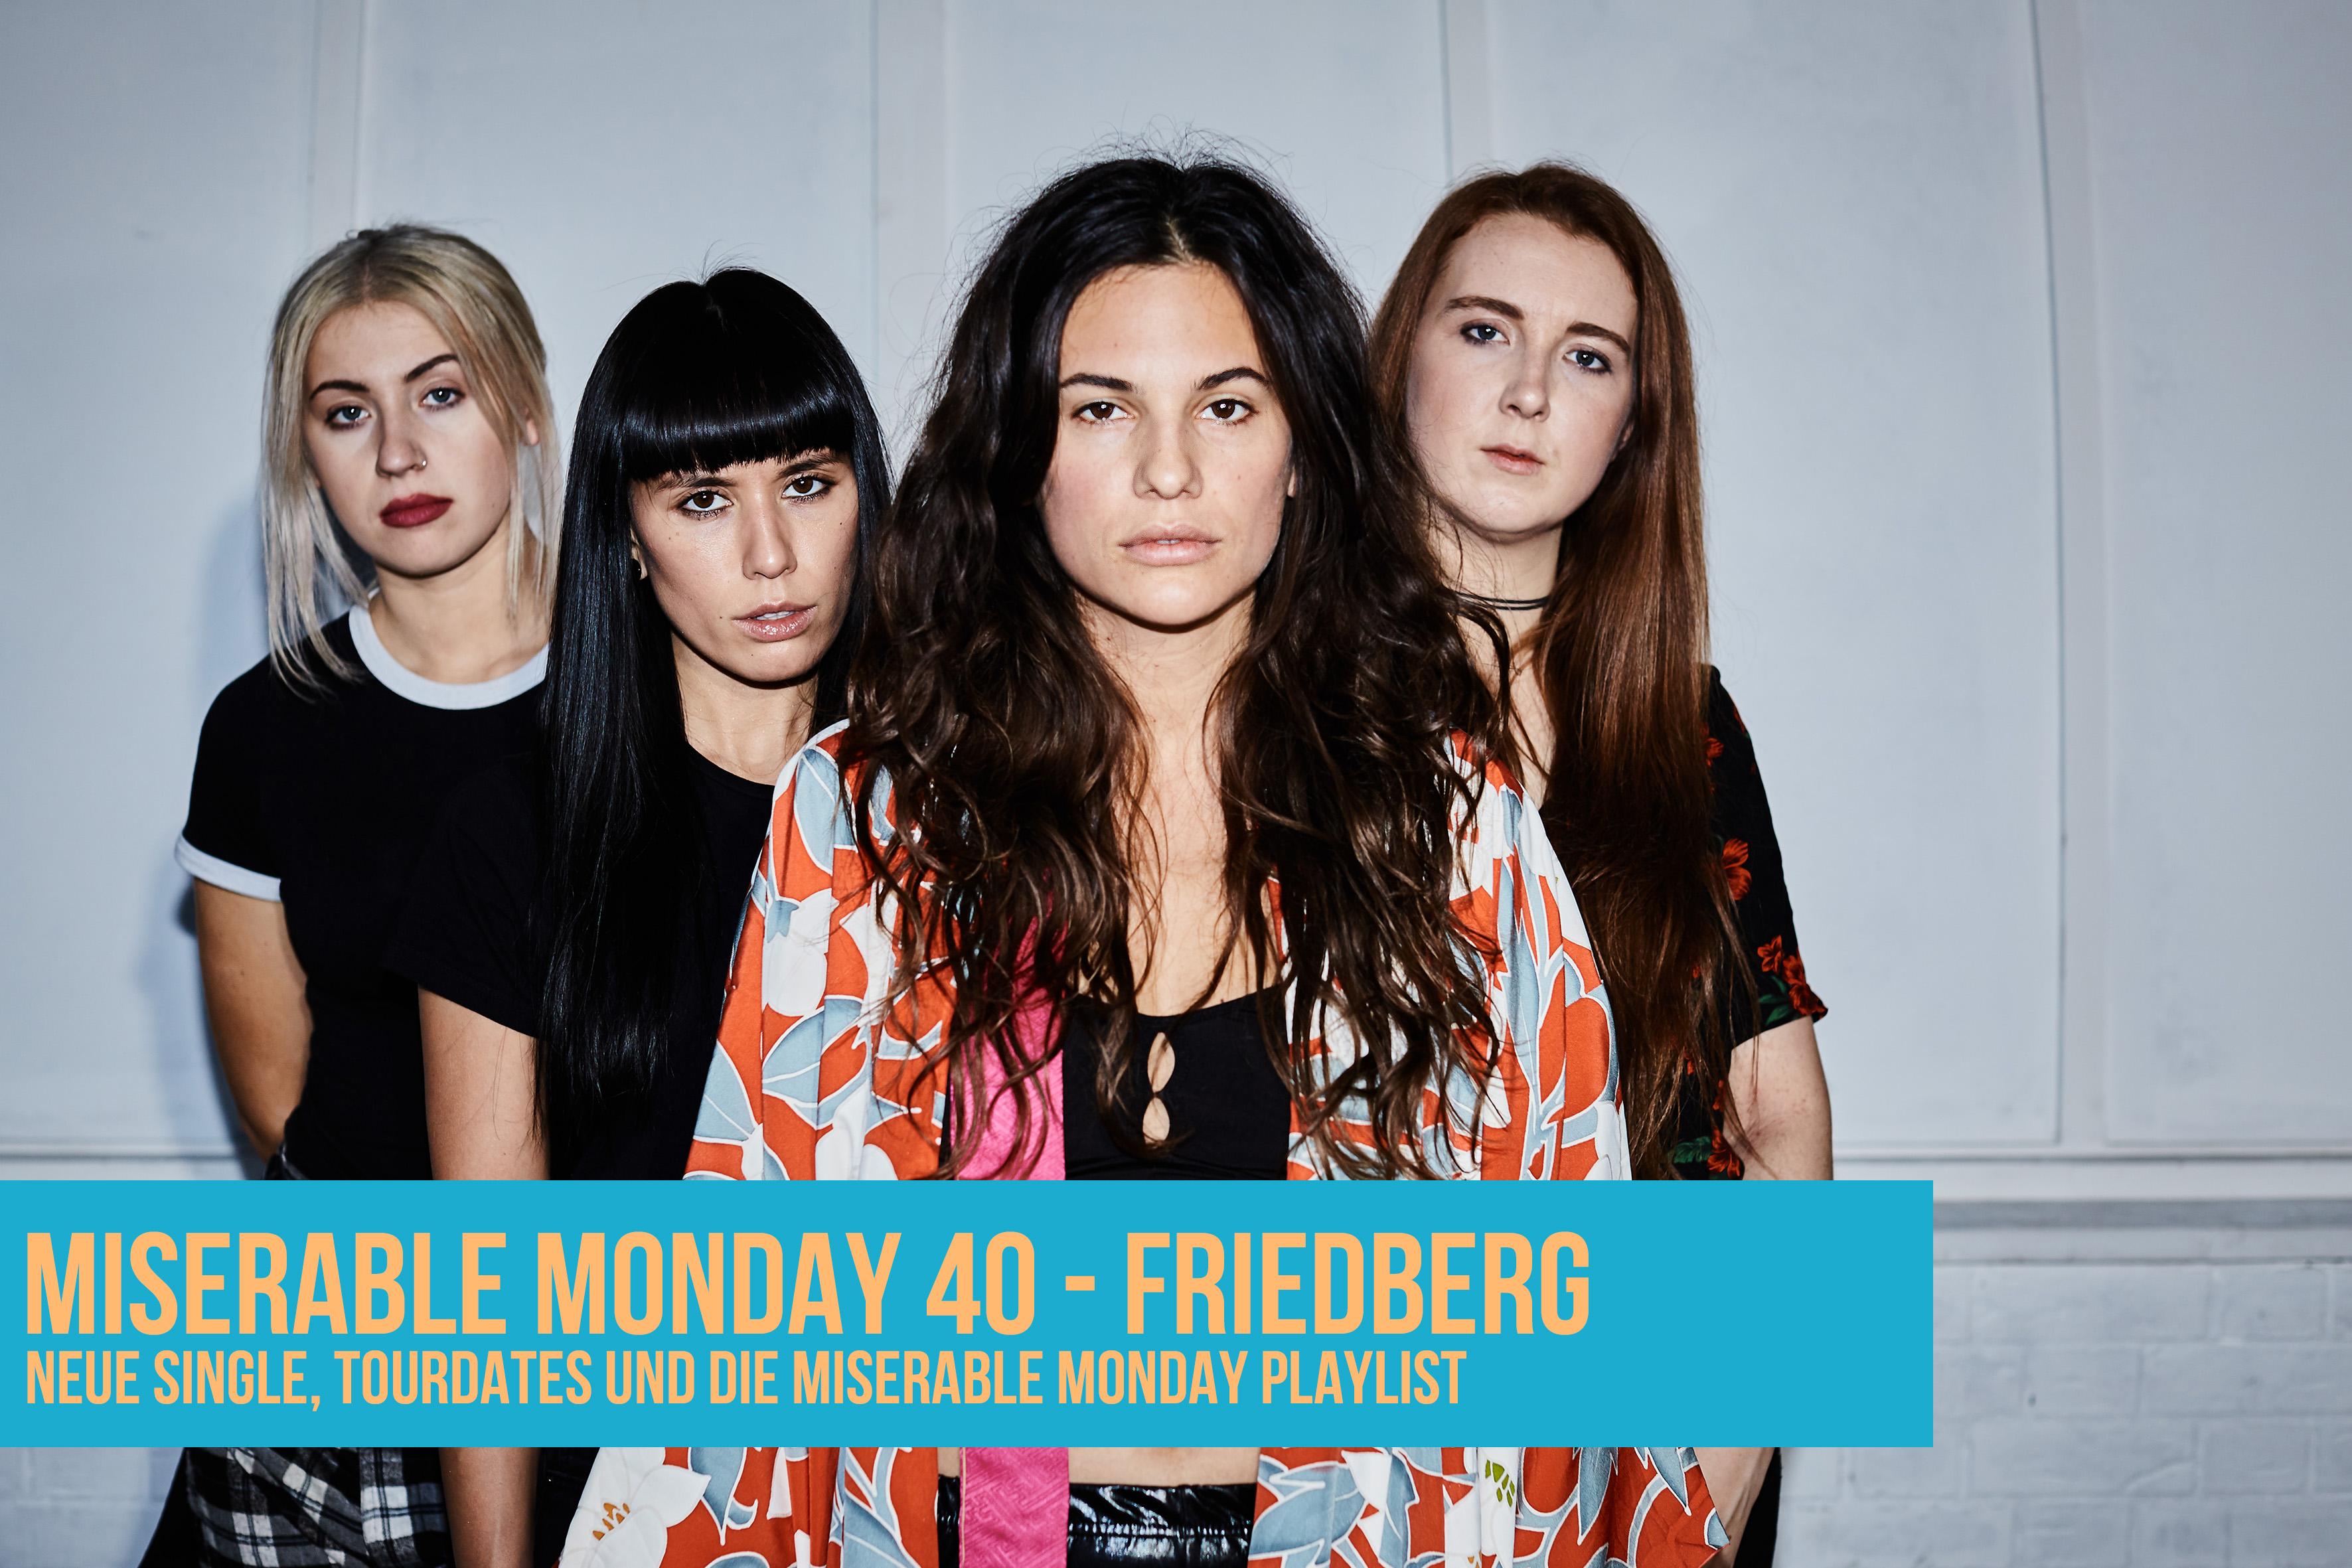 040 - Friedberg